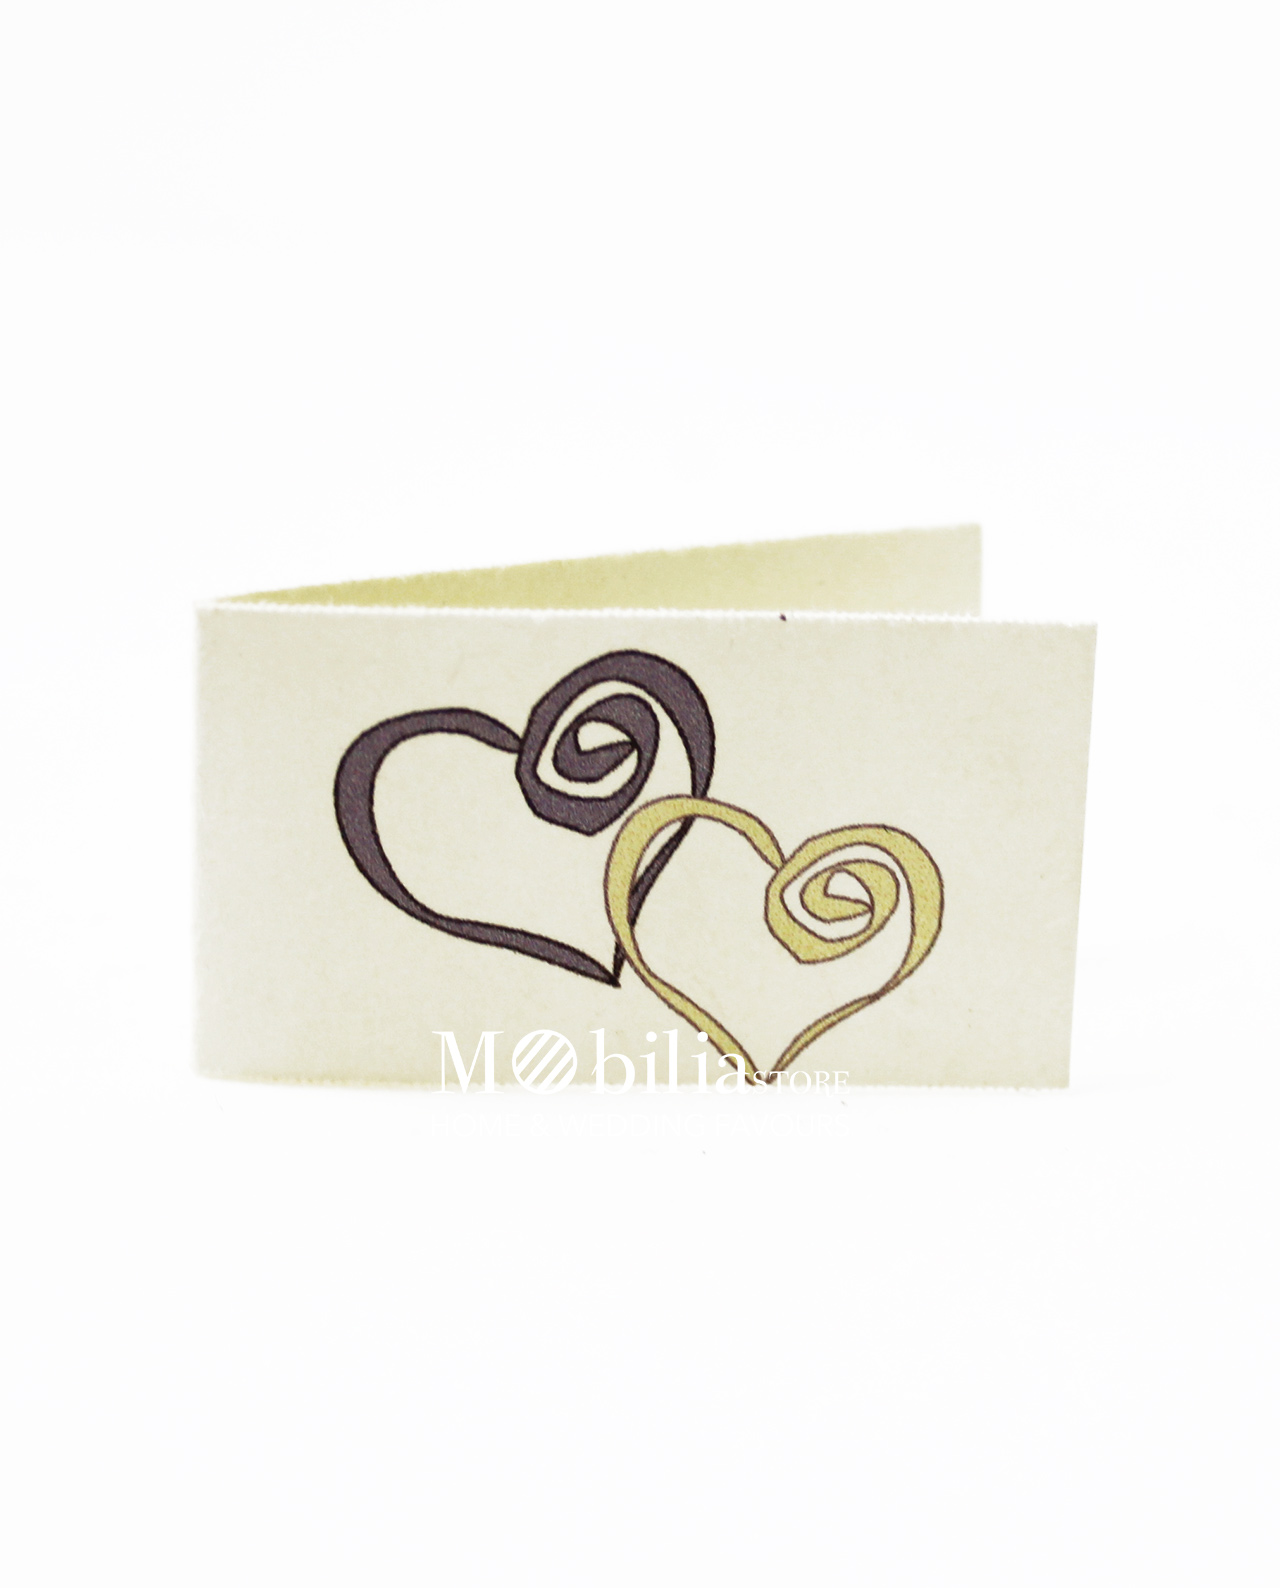 Immagini matrimonio stilizzate mo81 regardsdefemmes for Disegni da colorare con cuori